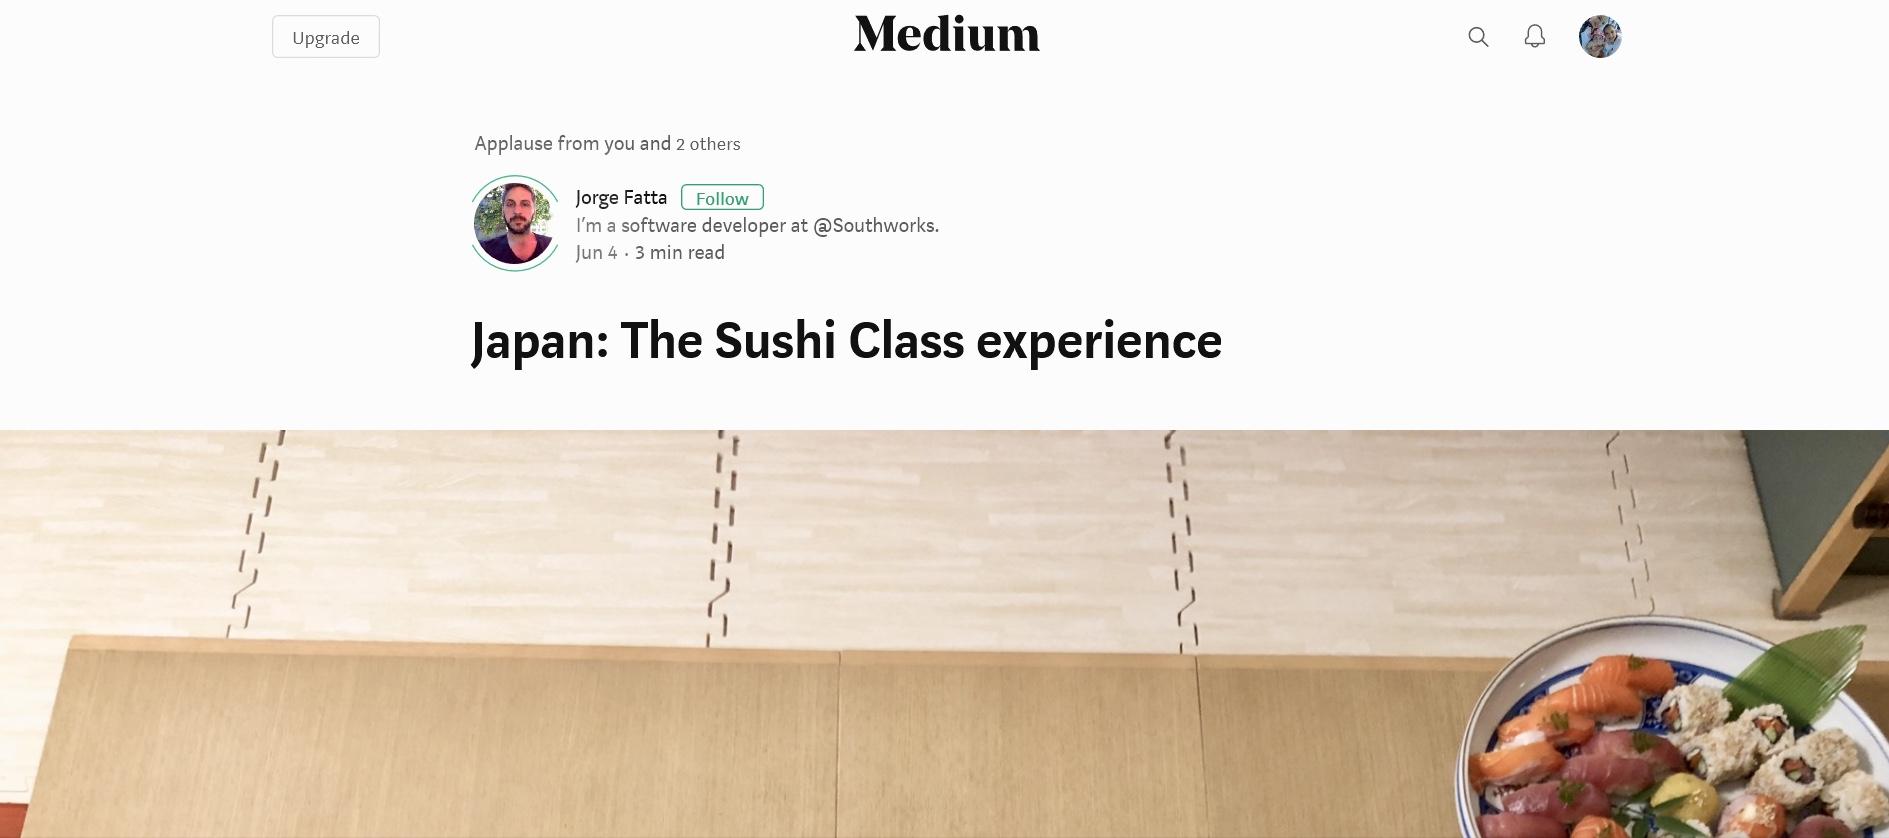 MEDIUM article